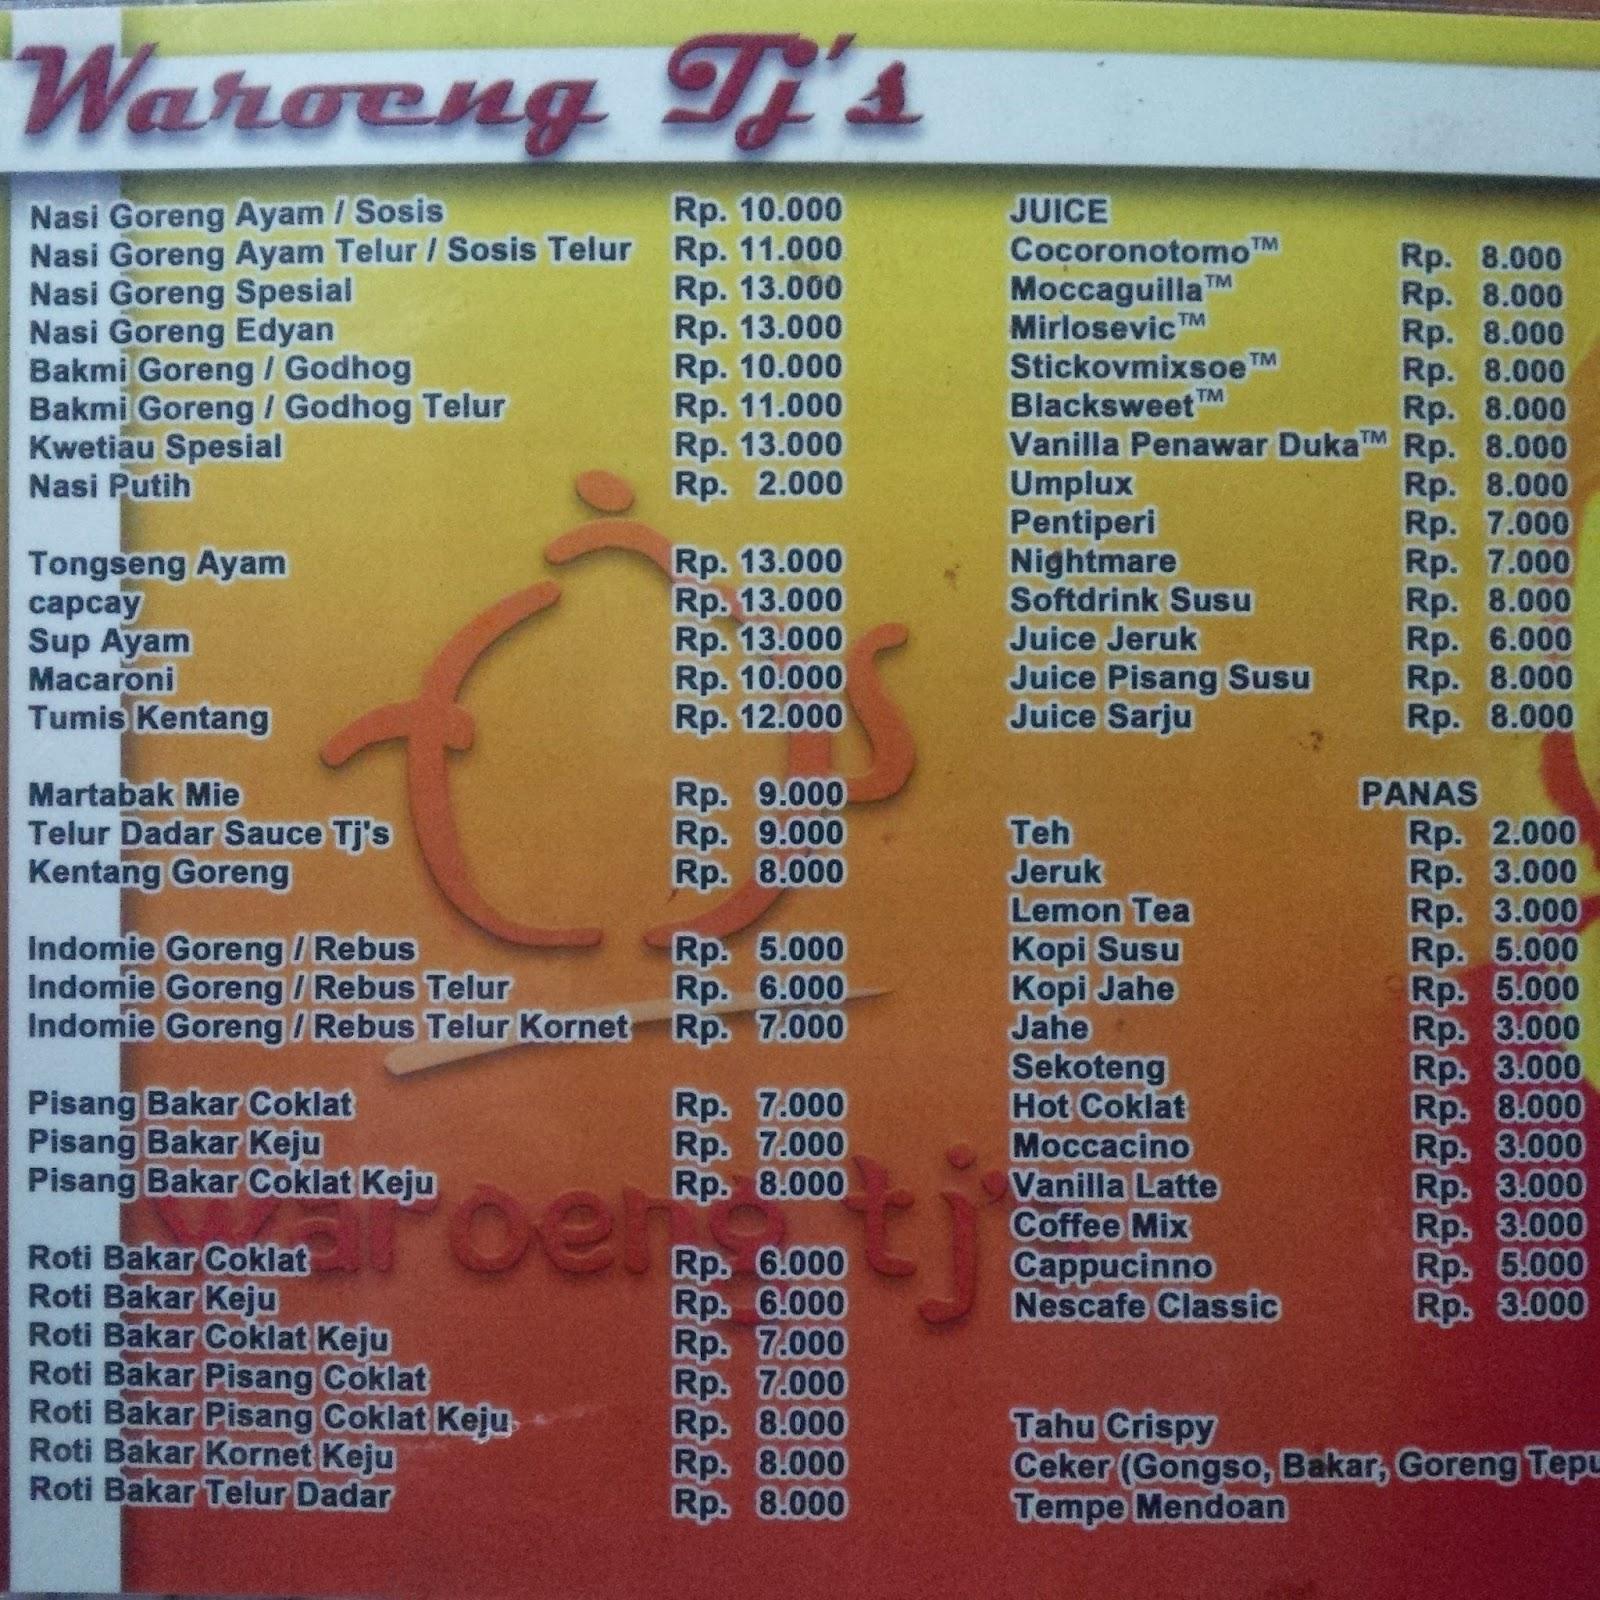 Kuliner Magelang Mie Jawa TJ's